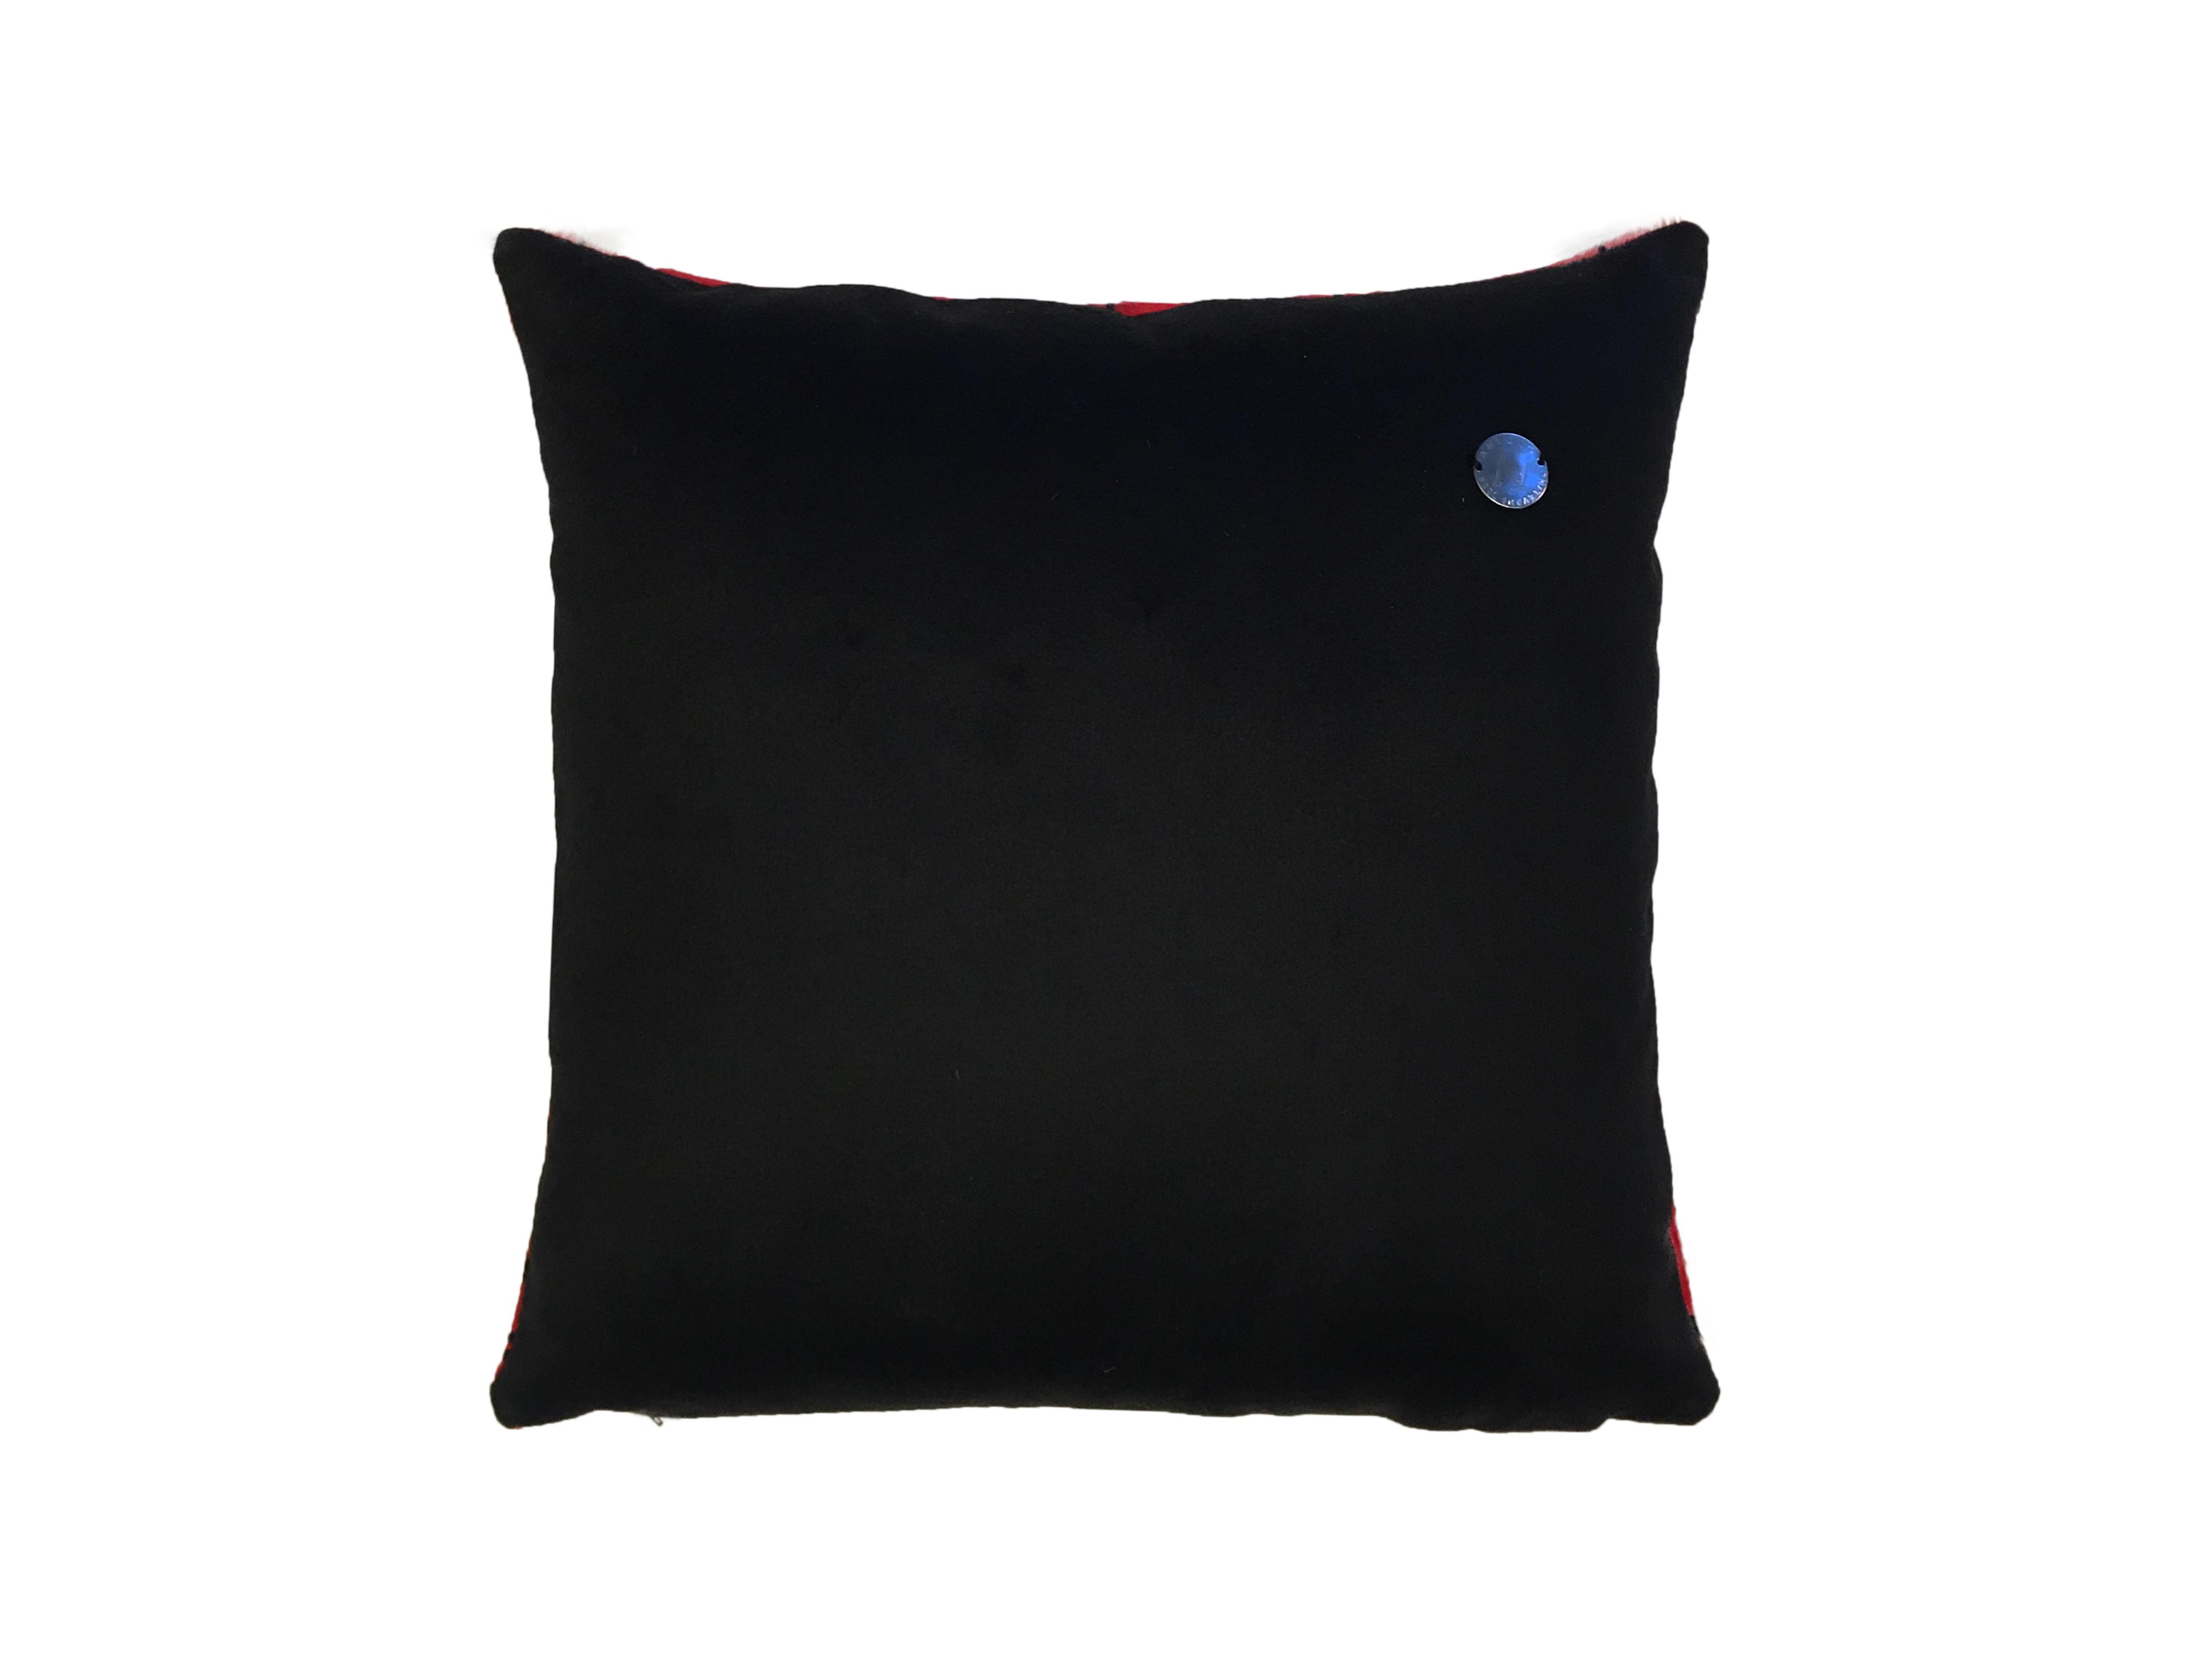 Cavallino Pillow-shabishu-50x50cm-CPSHA1267833BL5050-arka - ANVOGG FEEL SHEARLING | ANVOGG